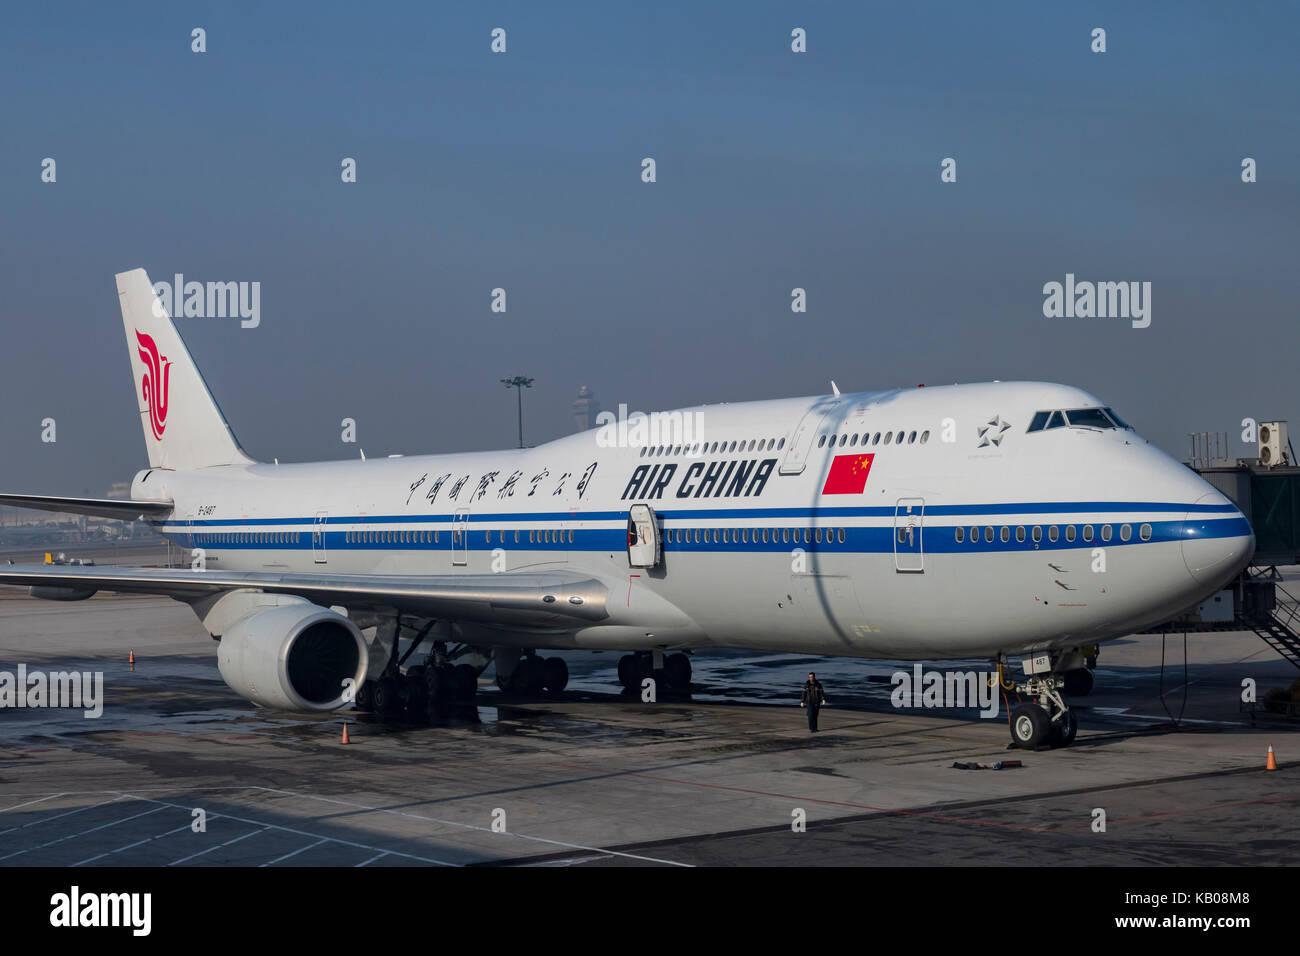 Beijing, jan 3: Air China de l'aéroport international de Beijing à Beijing, Chine Photo Stock